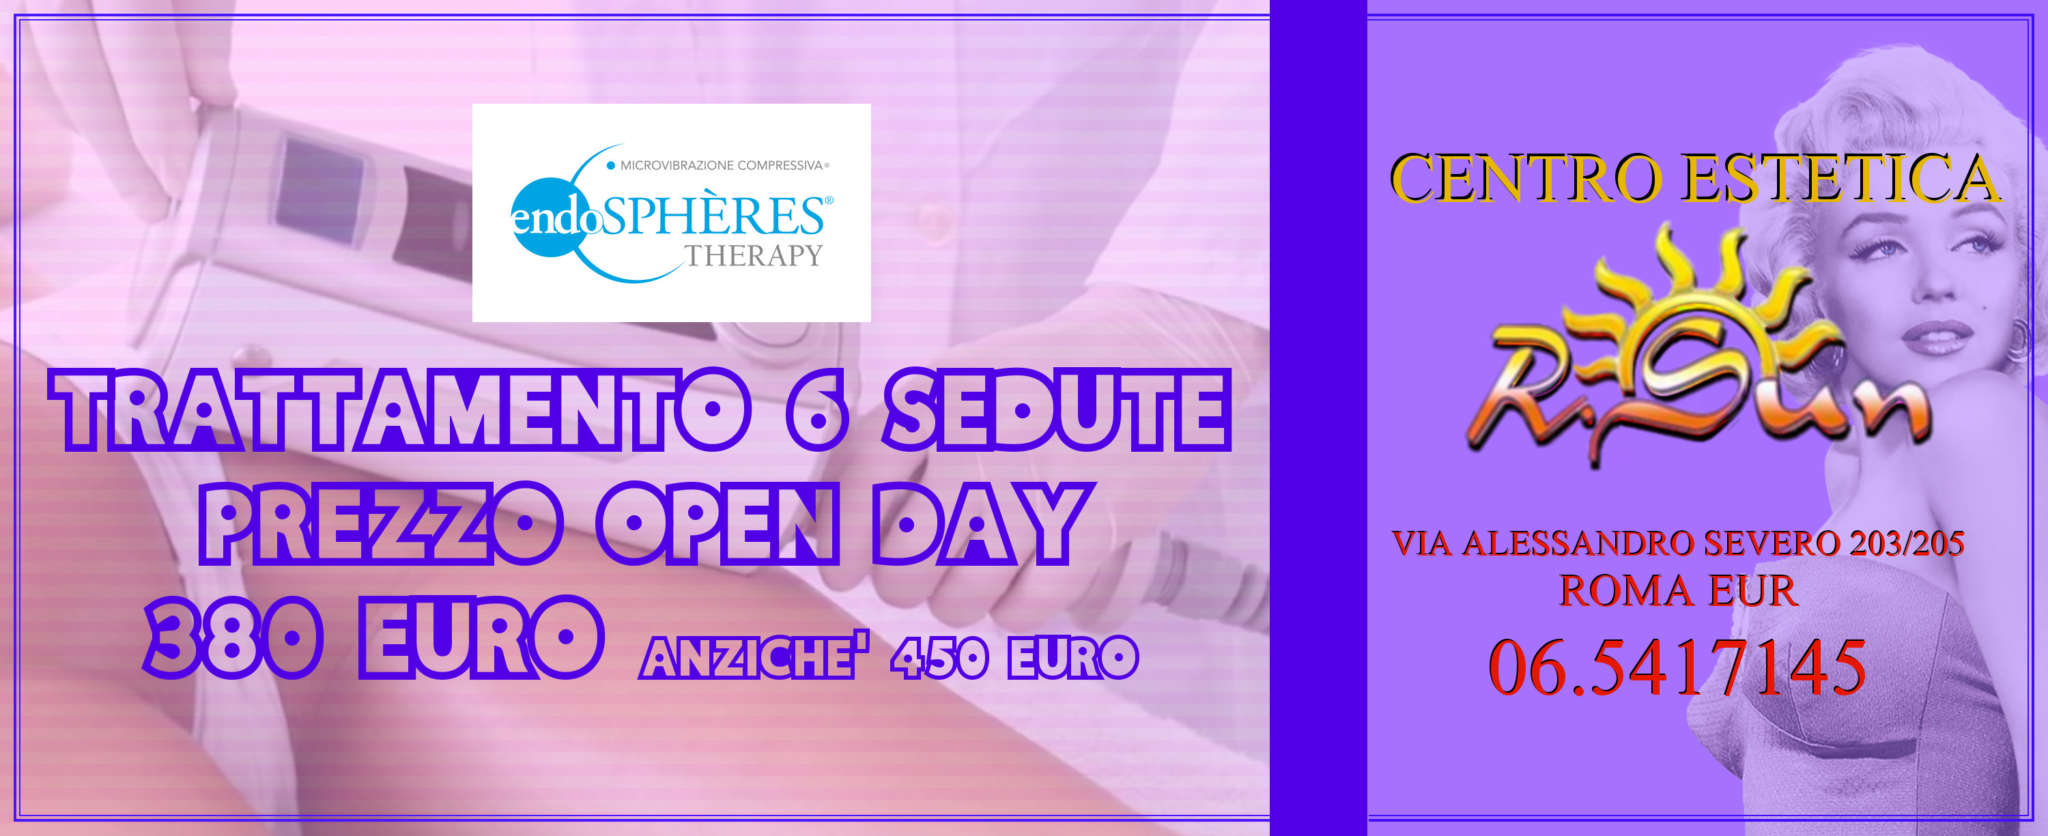 Estetica-R.Sun-Roma-Eur-trattamenti-endospheres-therapy-prezzo-open-day